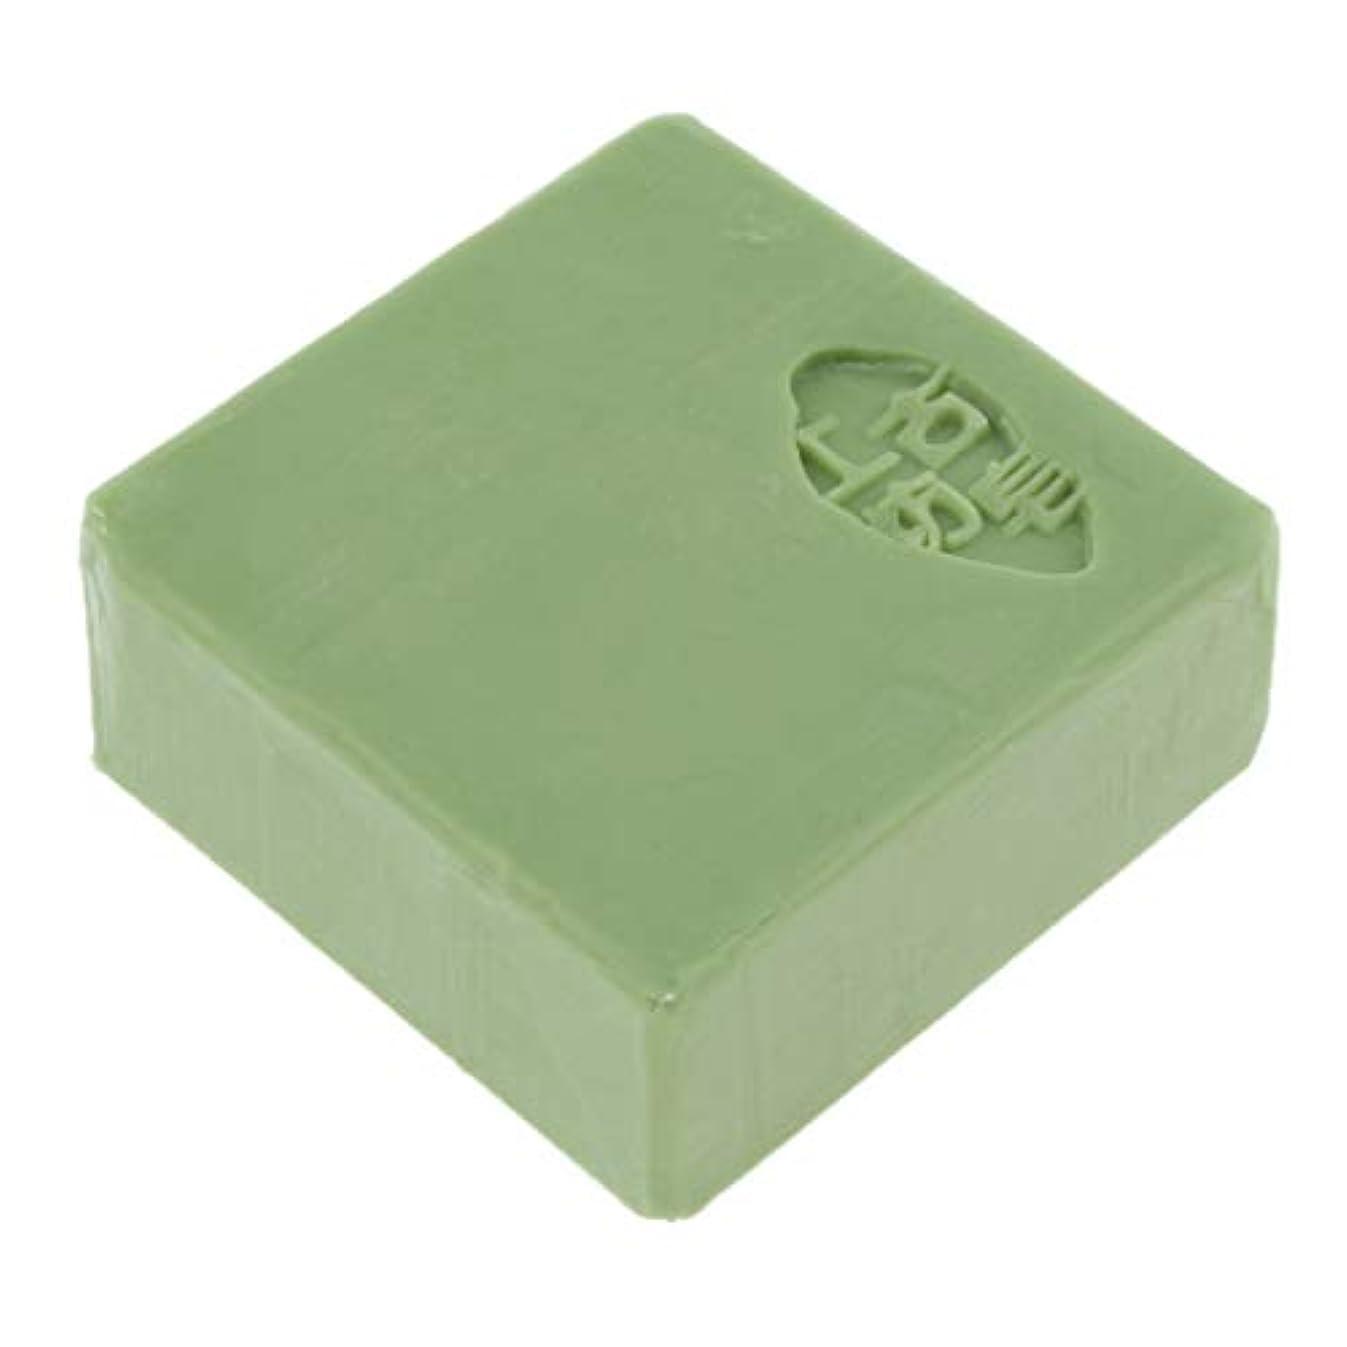 受賞土砂降り落胆させるボディ フェイスソープ バス スキンケア 保湿 肌守り 全3色 - 緑